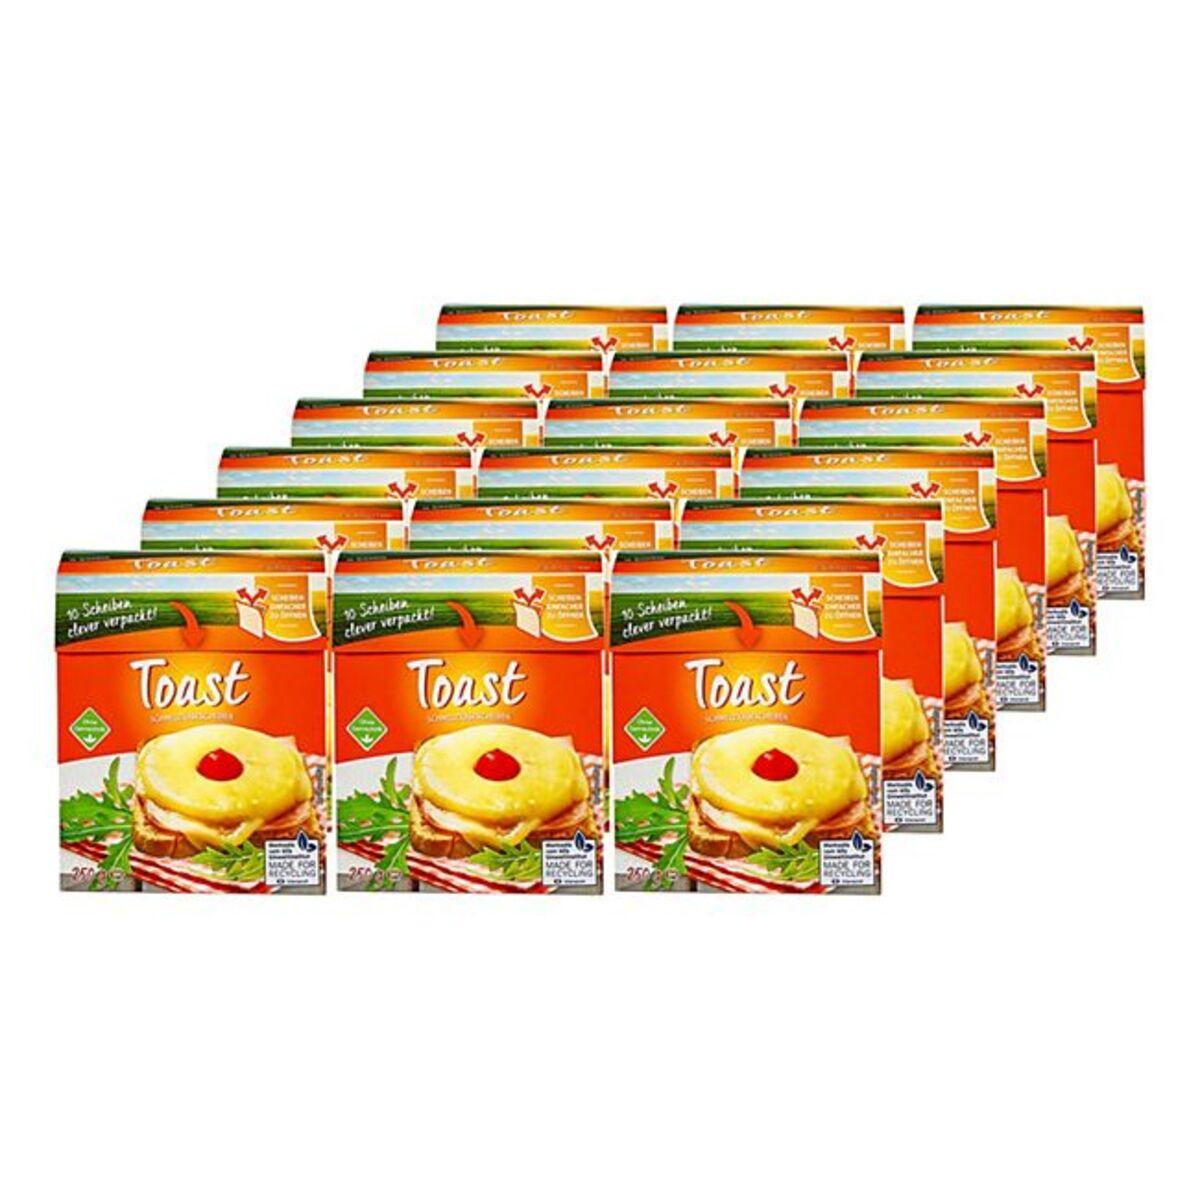 Bild 1 von Toast Schmelzkäse Scheiben 250 g, 18er Pack